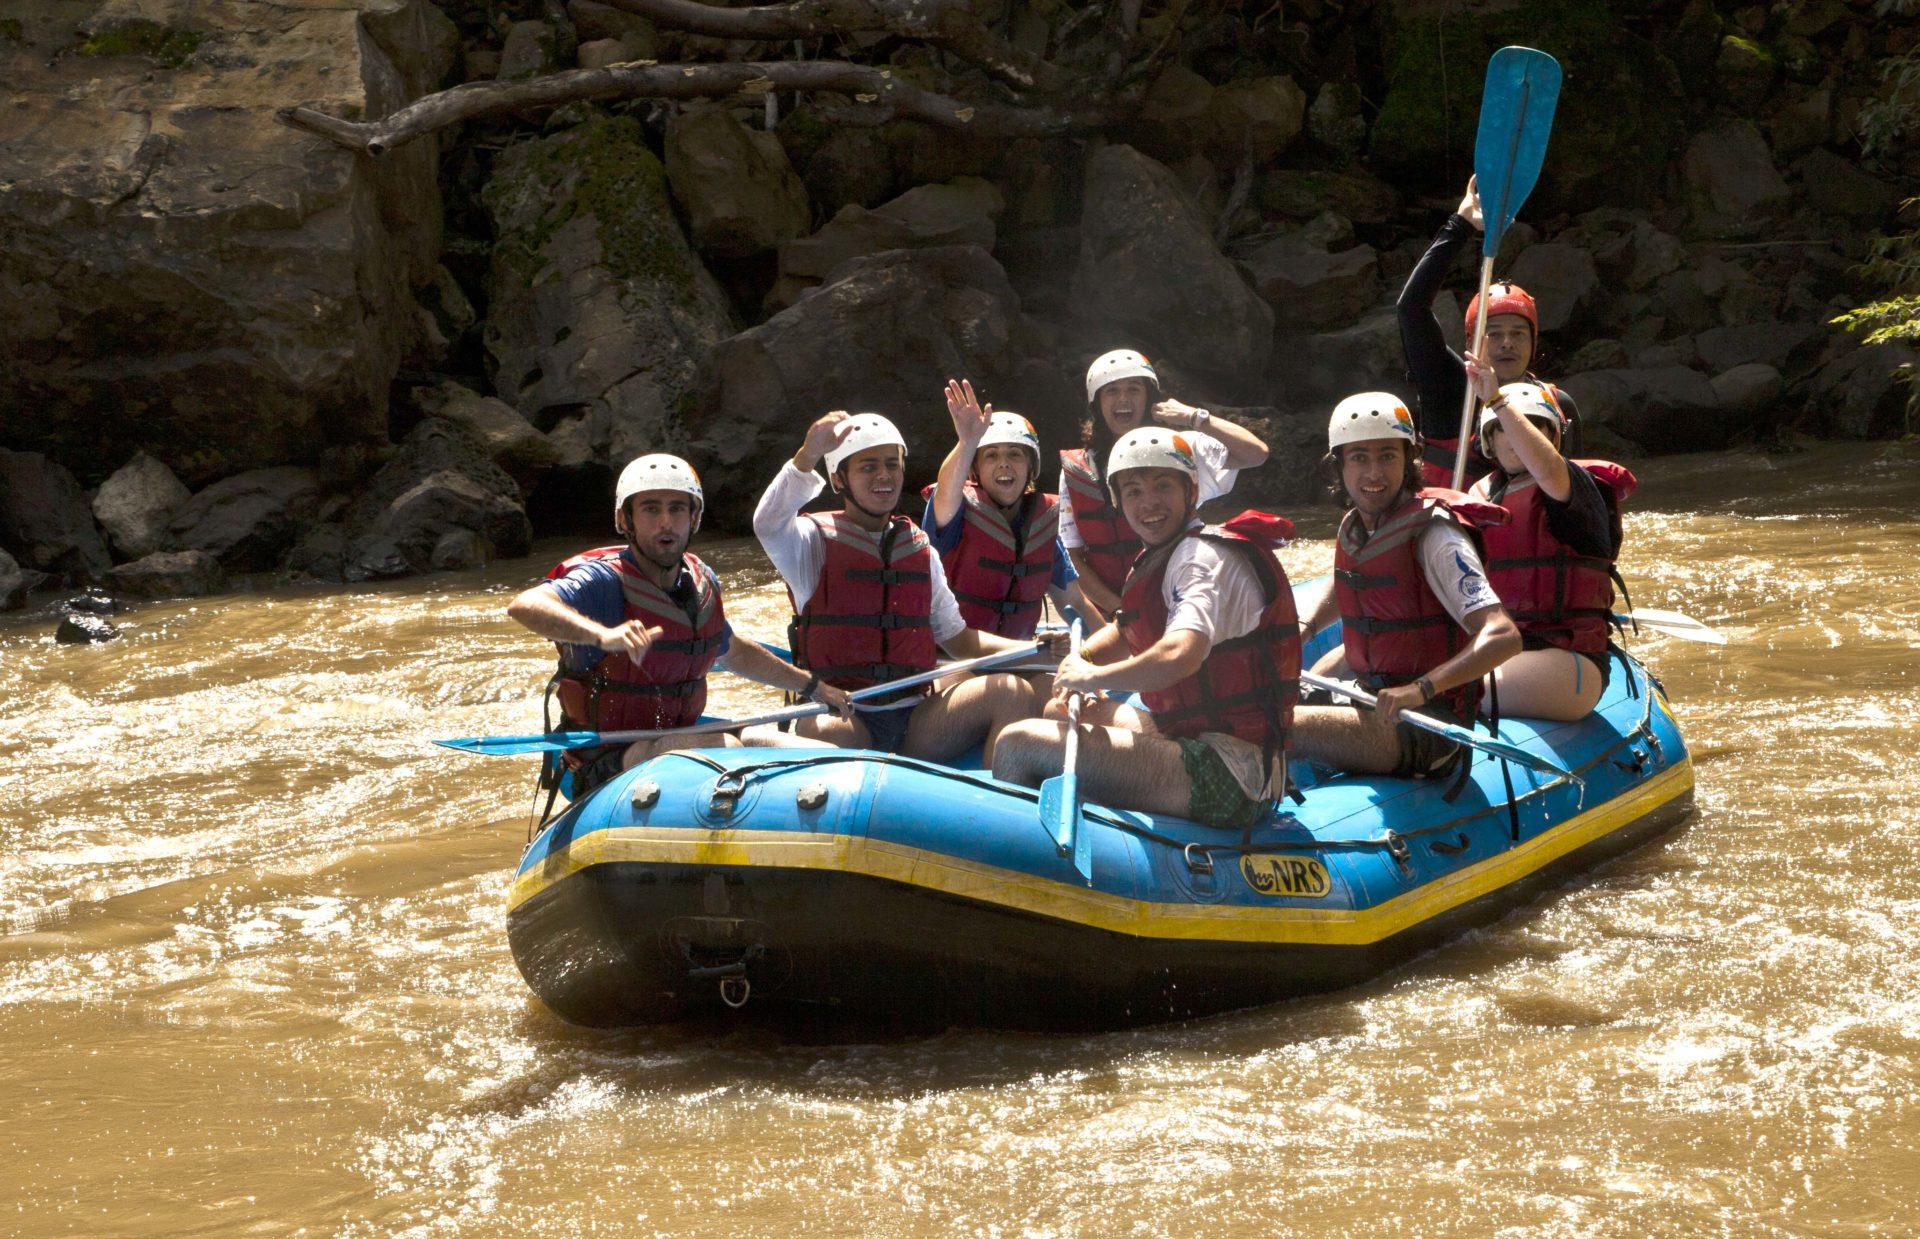 Fotografía: Expedicionarios de la Ruta BBVA 2015 practican rafting